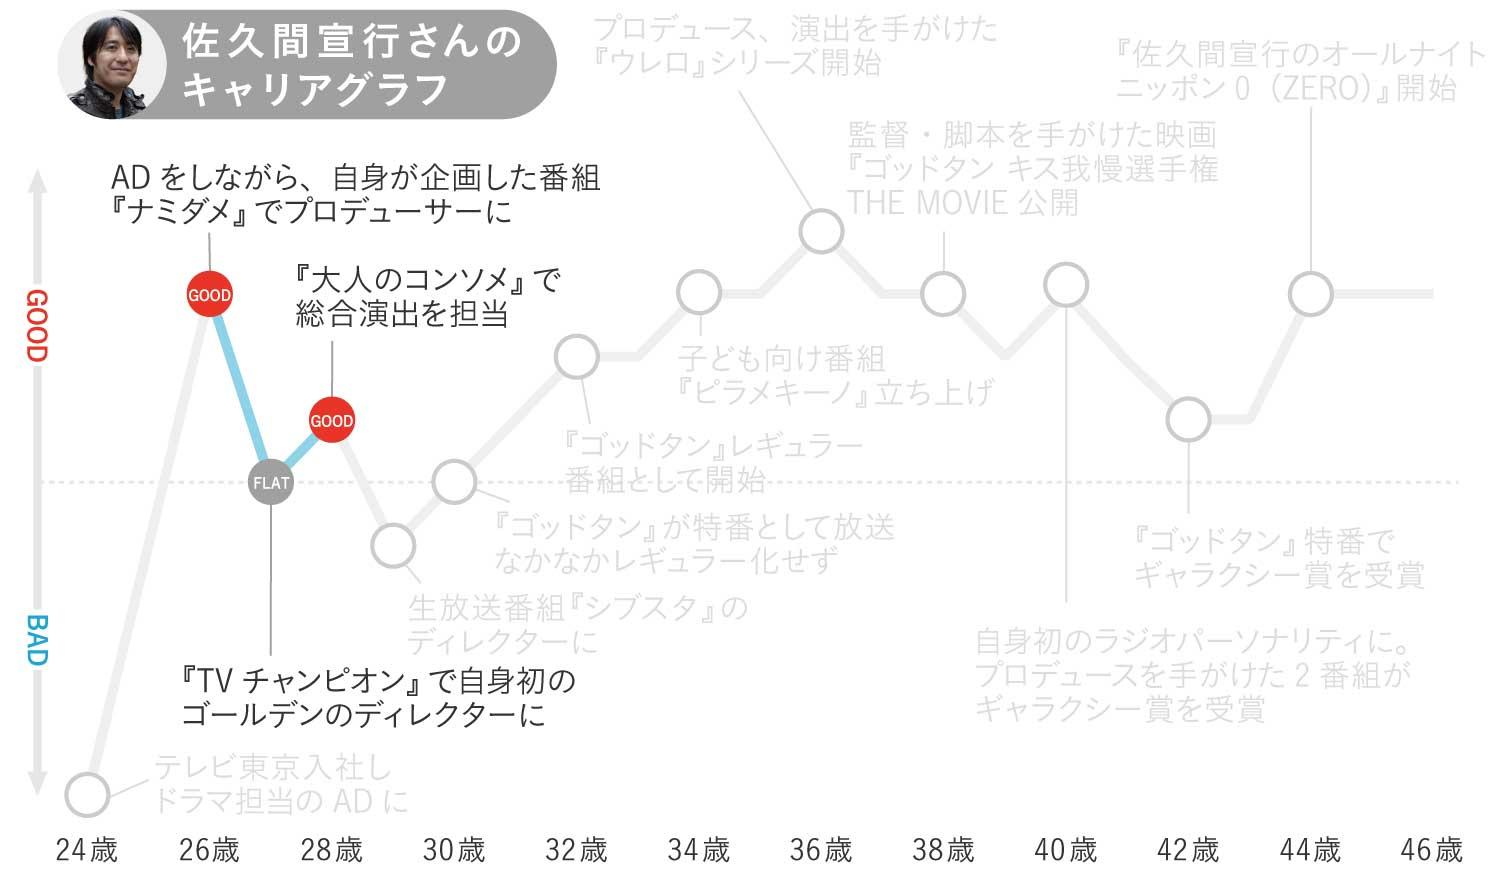 佐久間宣行さんのキャリグラフ2